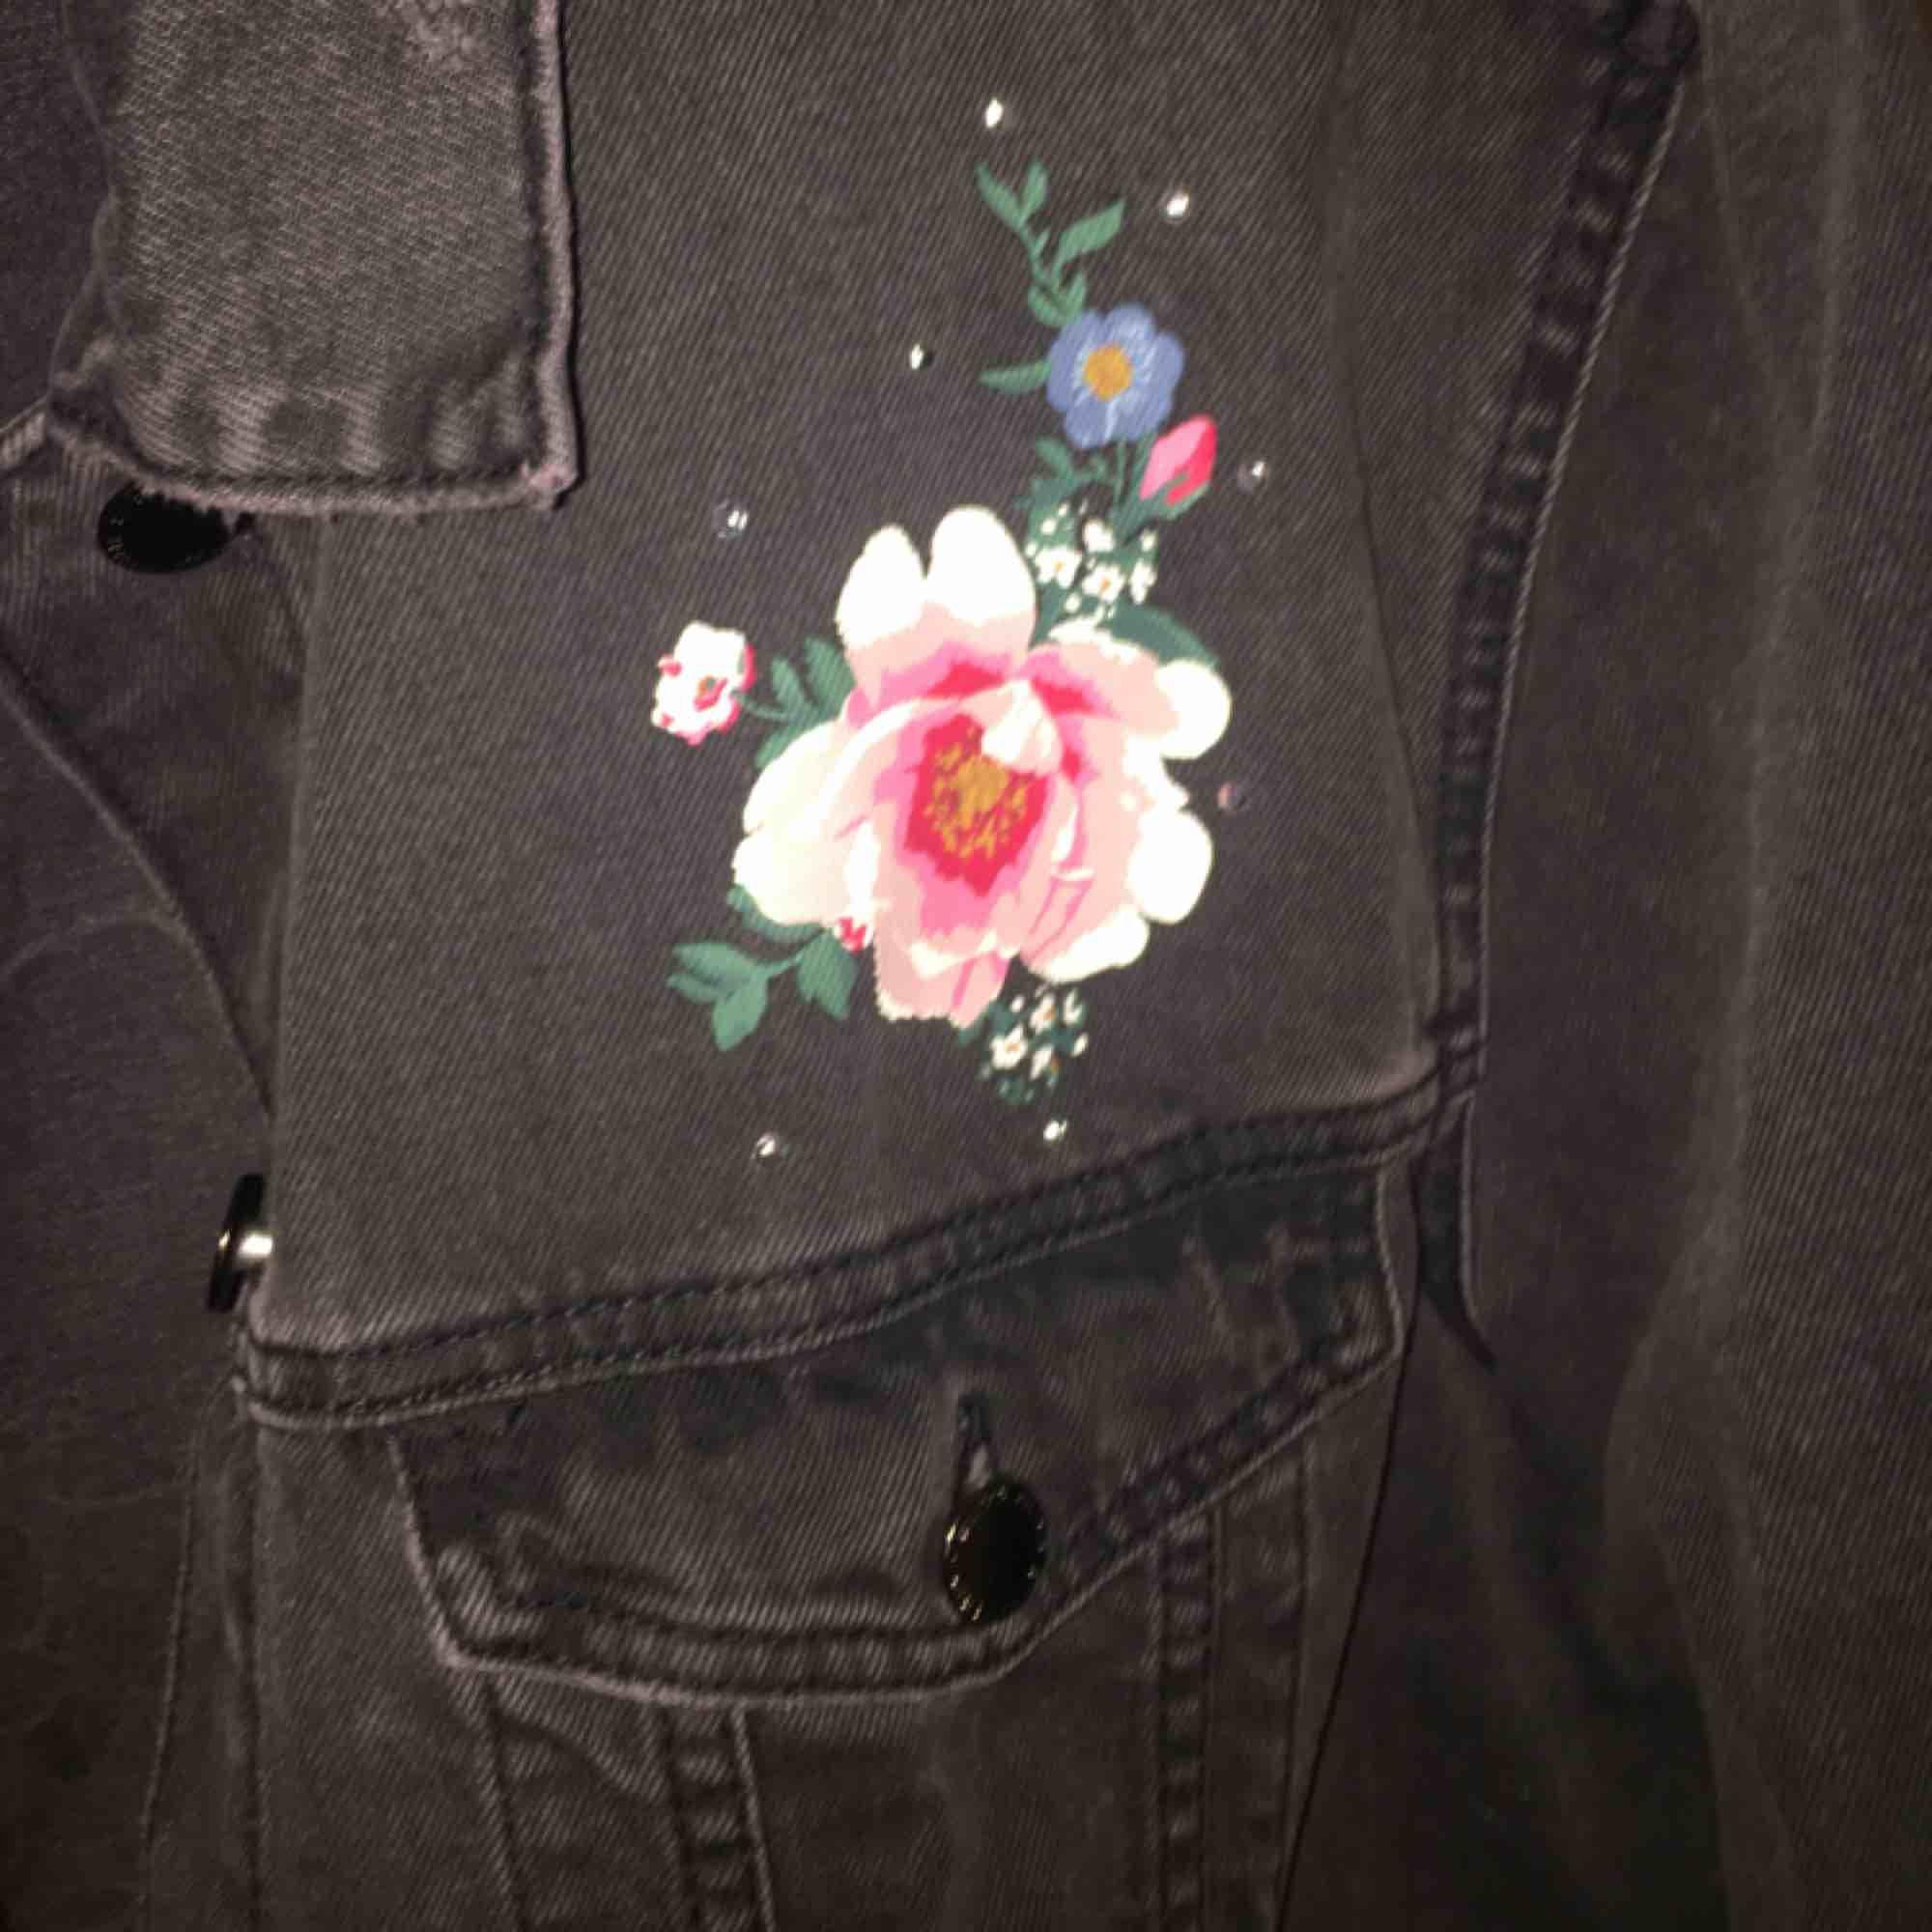 En svart jeansjacka med rosor och lite pärlor på! den är från HM och är aldrig använd. För mig som brukar ha S så är det som en oversize jacka, perfekt till våren! Säljer den för att den inte kommer till användning. Frakten betalar köparen. Jackor.